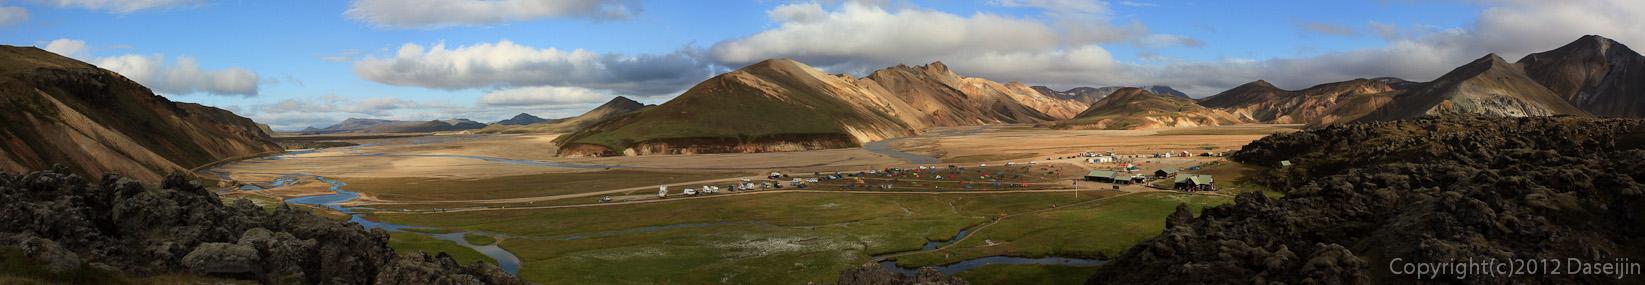 120808アイスランド、グリーンランドの旅・ランドマンナロイガルのパノラマ